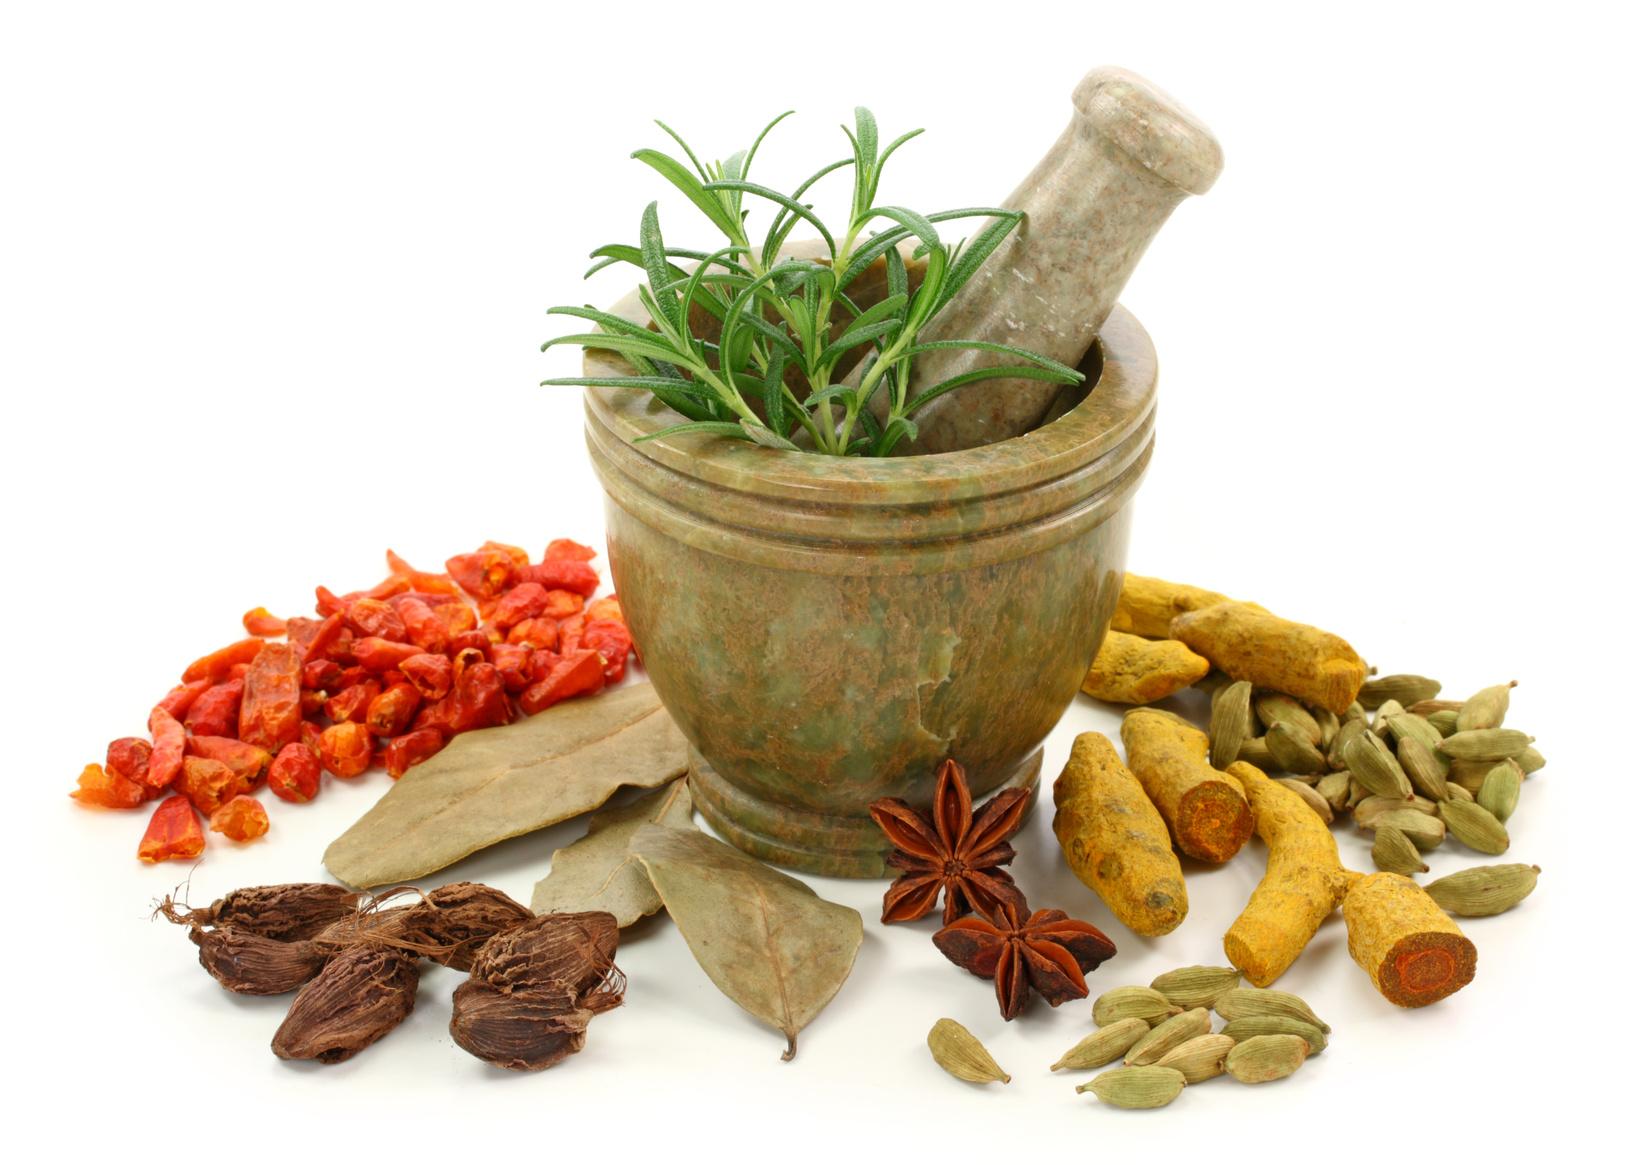 میوه خوش طعمی برای کاهش و کنترل وزن/ قندخونتان را با مارچوبه کنترل کنید/ بهترین راهحل برای پاکسازی گوش/ هر آنچه باید از مصلحها در طب سنتی بدانید